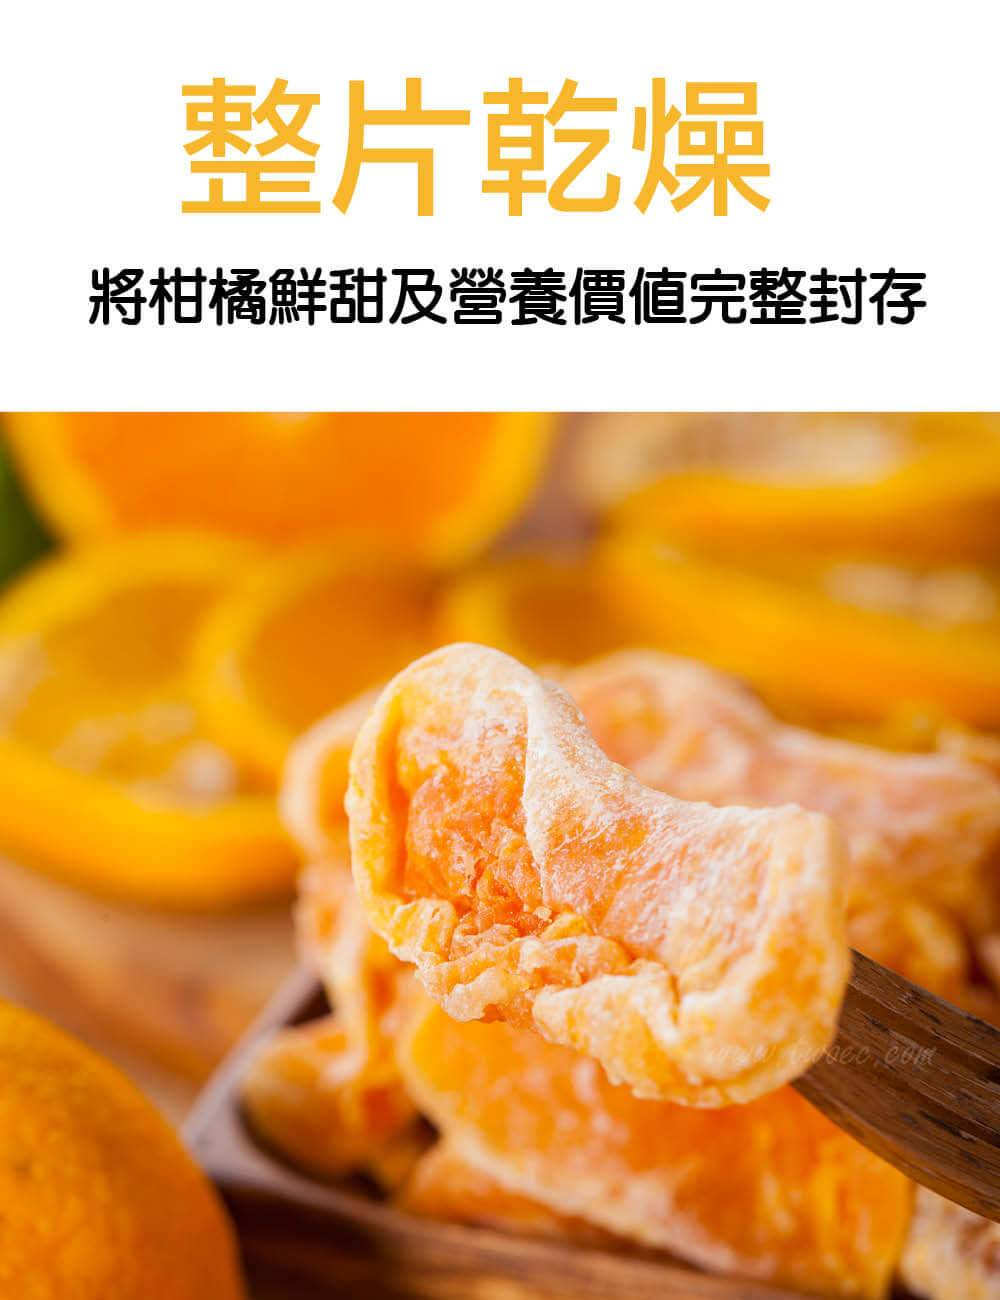 果然美味 橘子水果乾